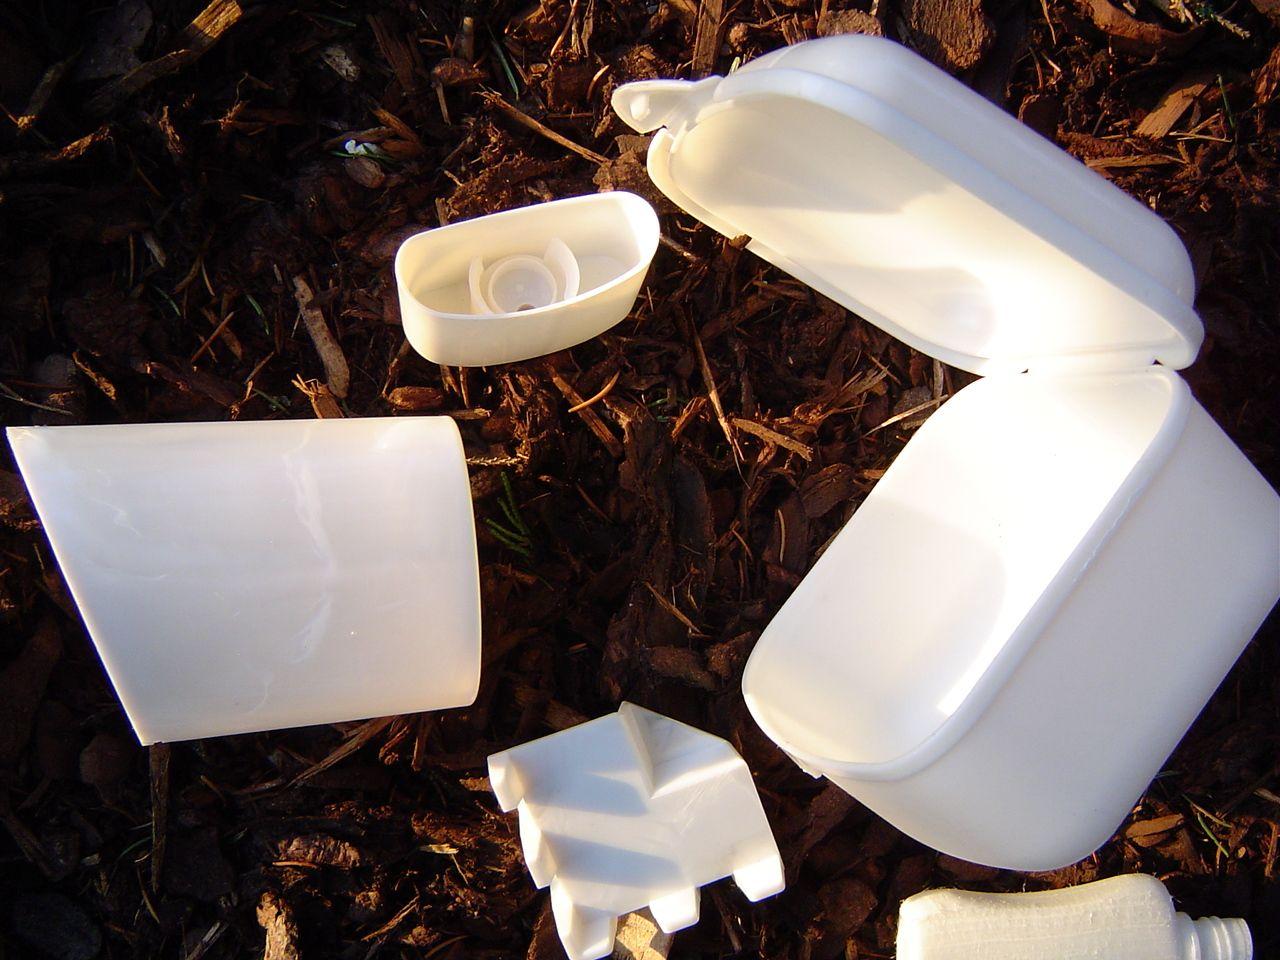 Verpakkingsmateriaal uit biopolymere kunststoffen